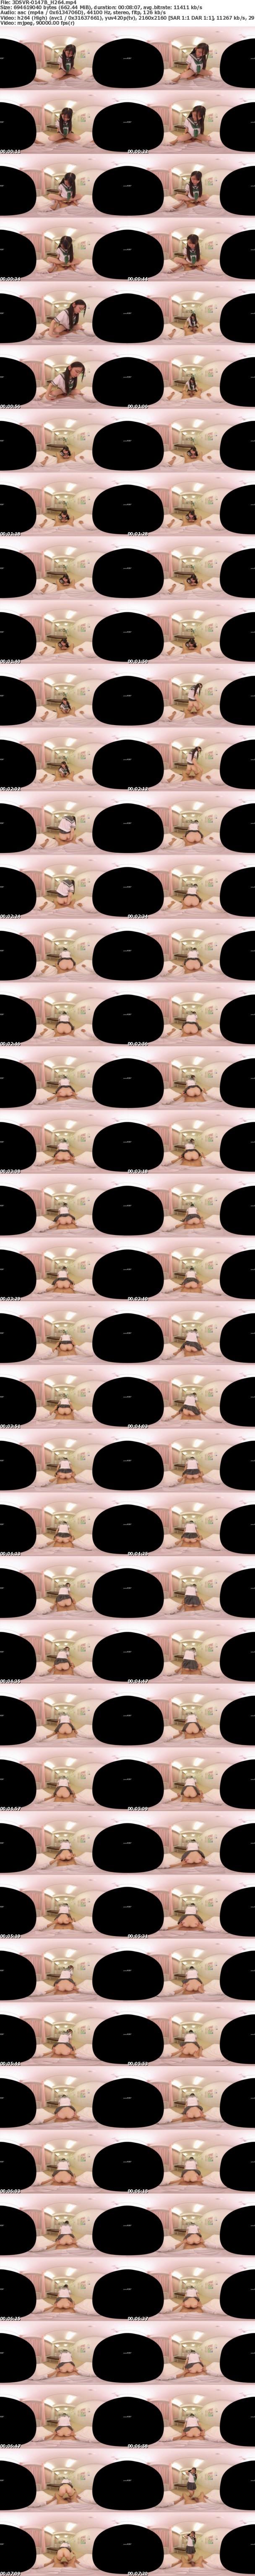 VR/3D 3DSVR-0147 【VR】僕専用!涙目ウルウル女子○生・性奴隷 白井ゆずか ※常に敬語・イラマチオ・スパンキング・挿入懇願・おかわり中出し